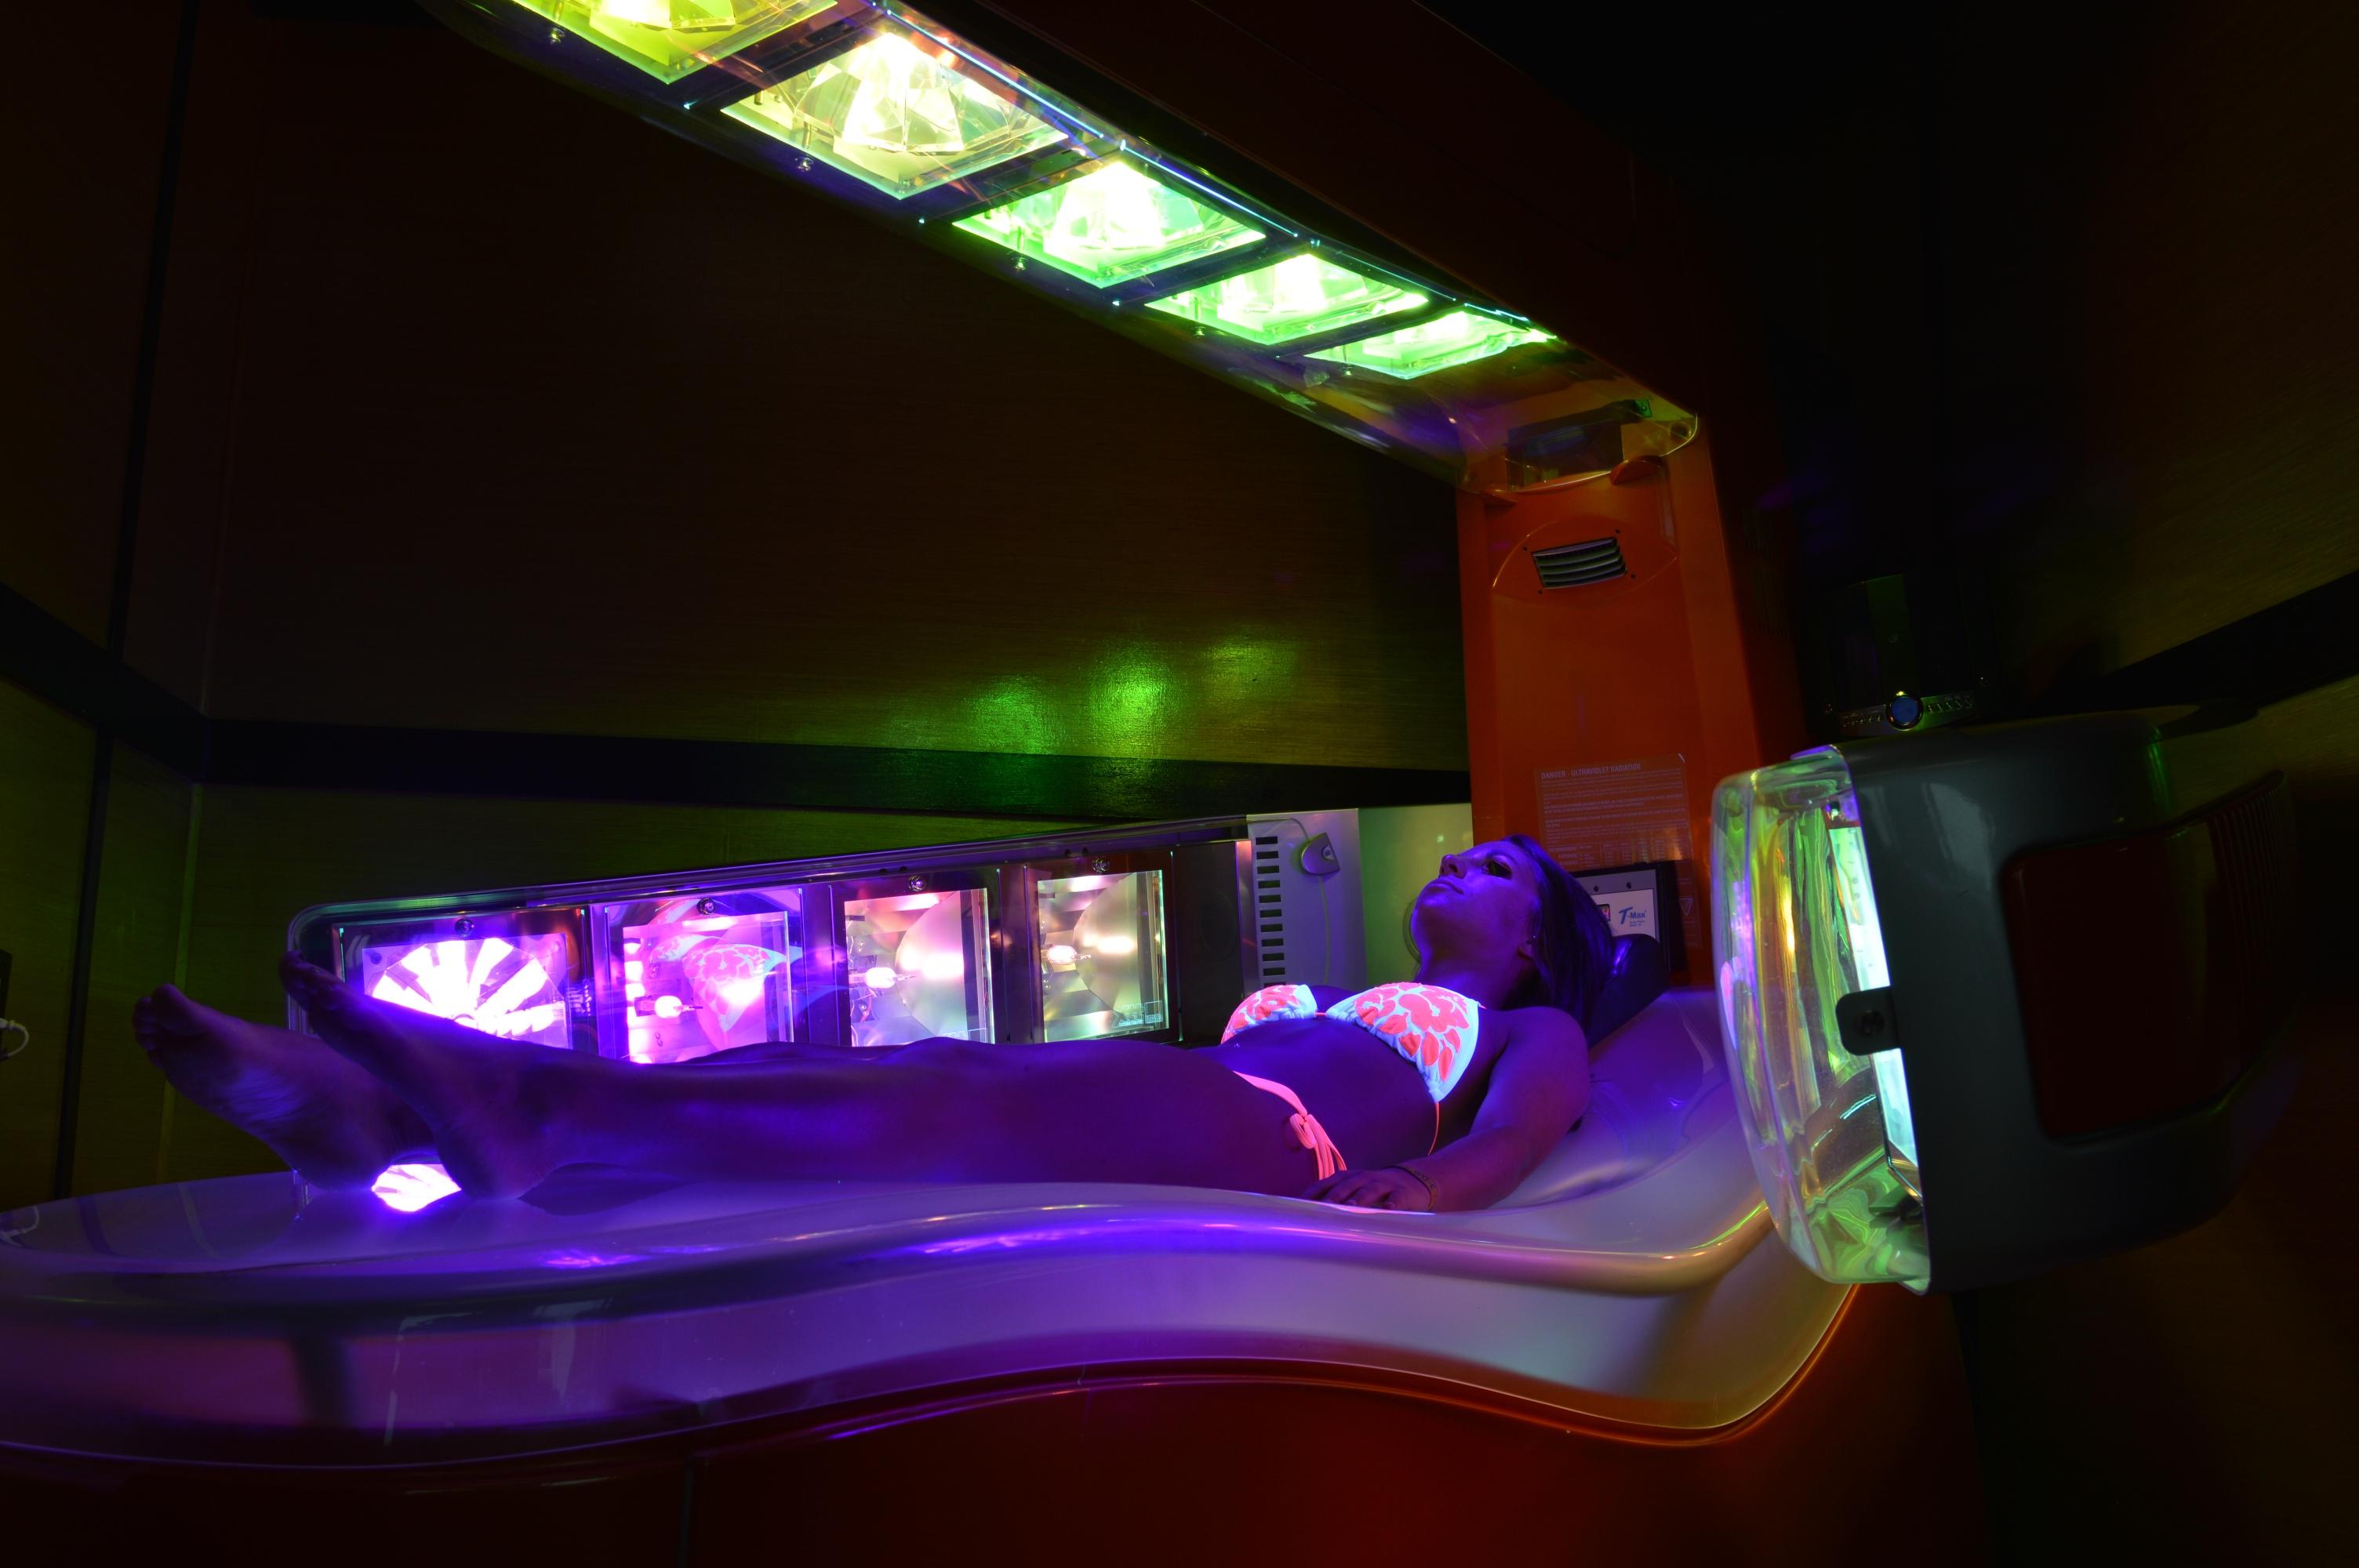 Electrik Image Spa image 14